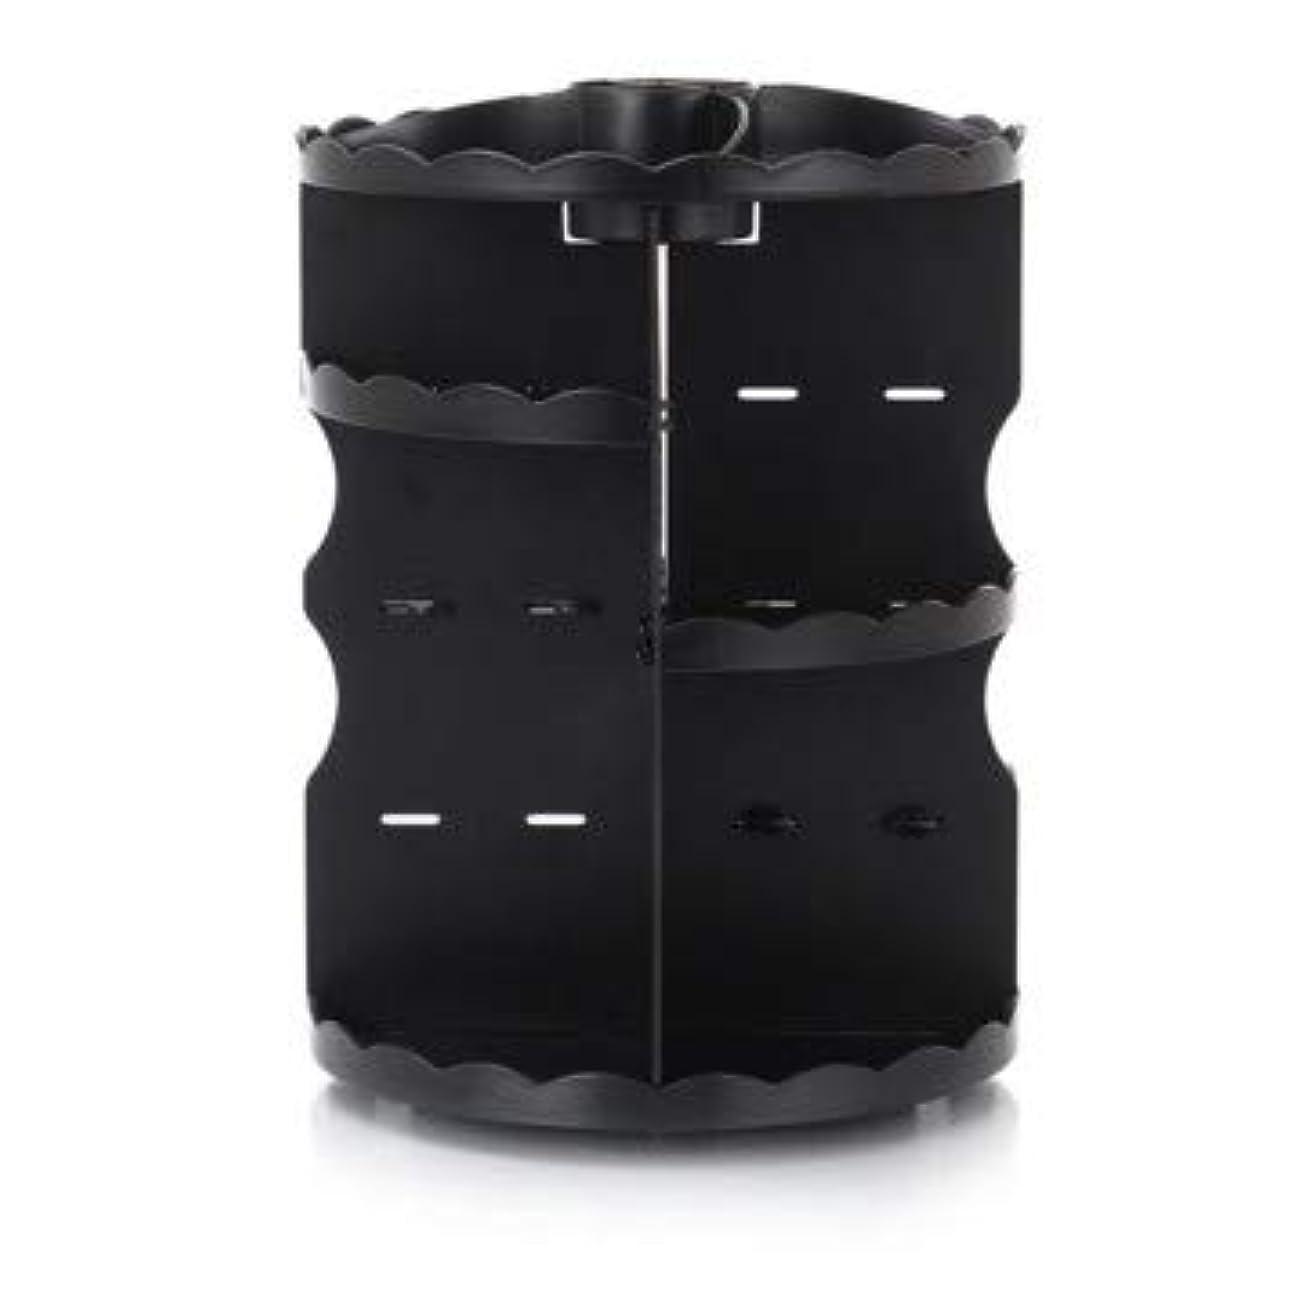 些細な懲らしめ頑張るラウンド卓上回転口紅フレーム透明アクリル化粧ケース浴室スキンケアプラスチック収納ボックス (Color : ブラック)